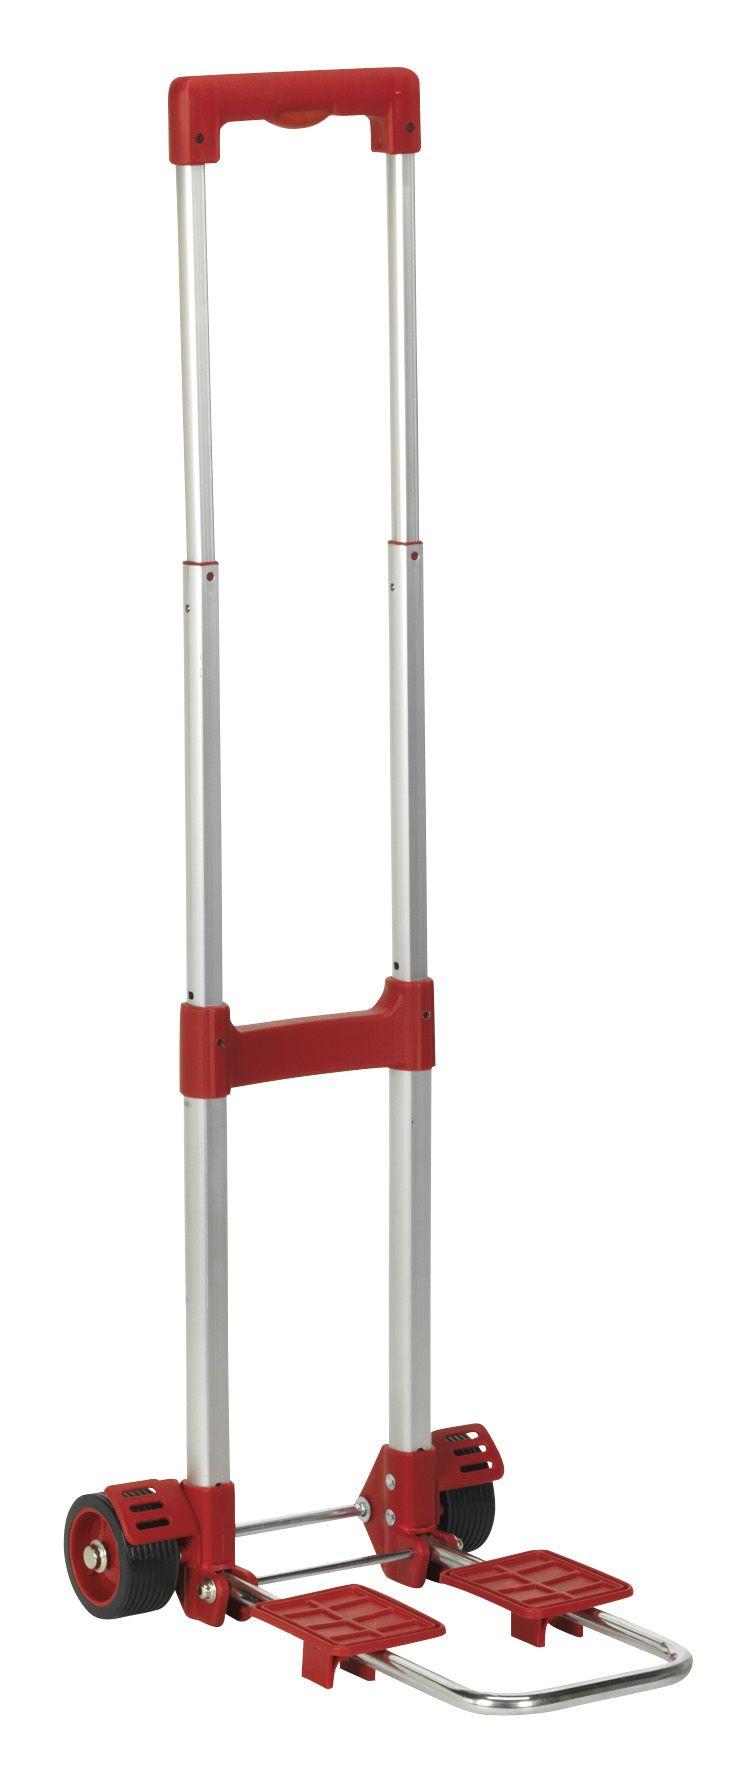 Sealey Aluminium Trolley 30kg Capacity